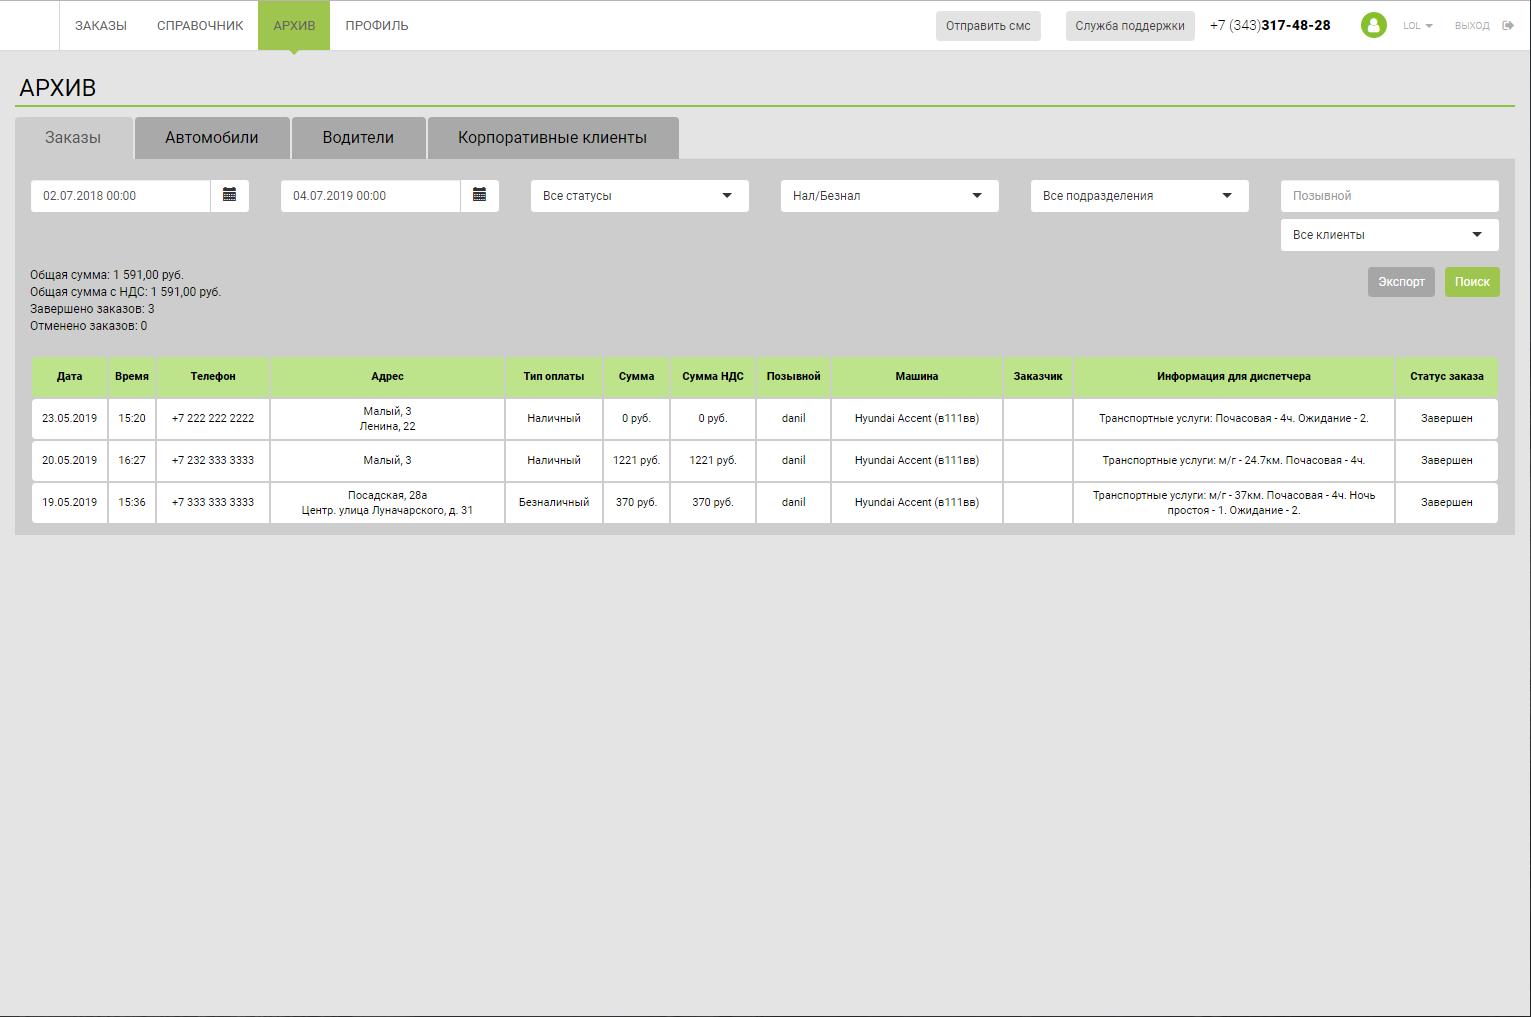 Фронтэнд CRM системы компании, занимающейся грузоперевозками  (Html, WebBack, JS, Angular)